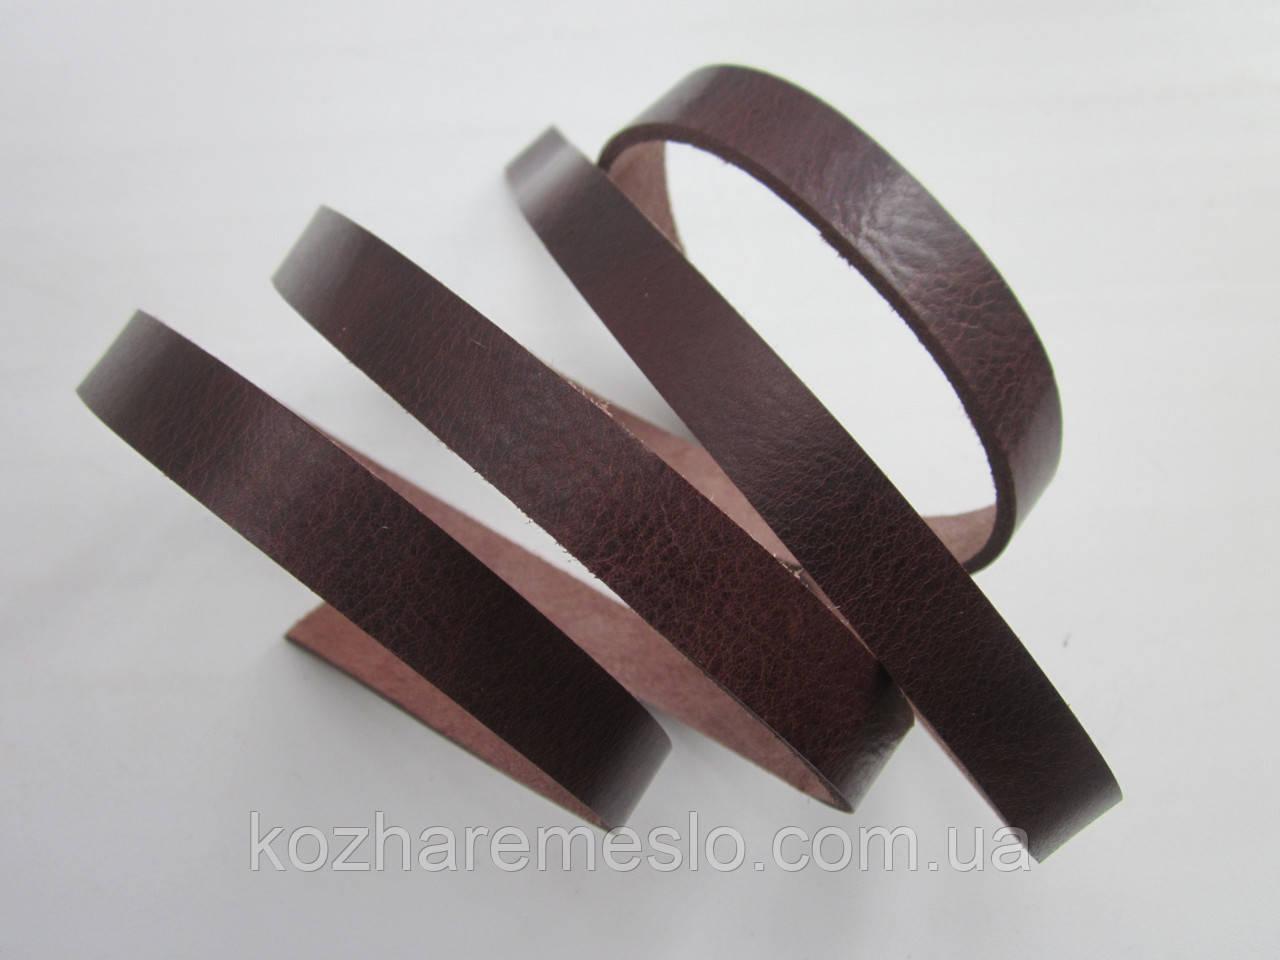 Ременная полоса из кожи растительного дубления 10 мм, толщина 2.8 - 3,0 мм (ИТАЛИЯ) АНТИК - КАШТАН